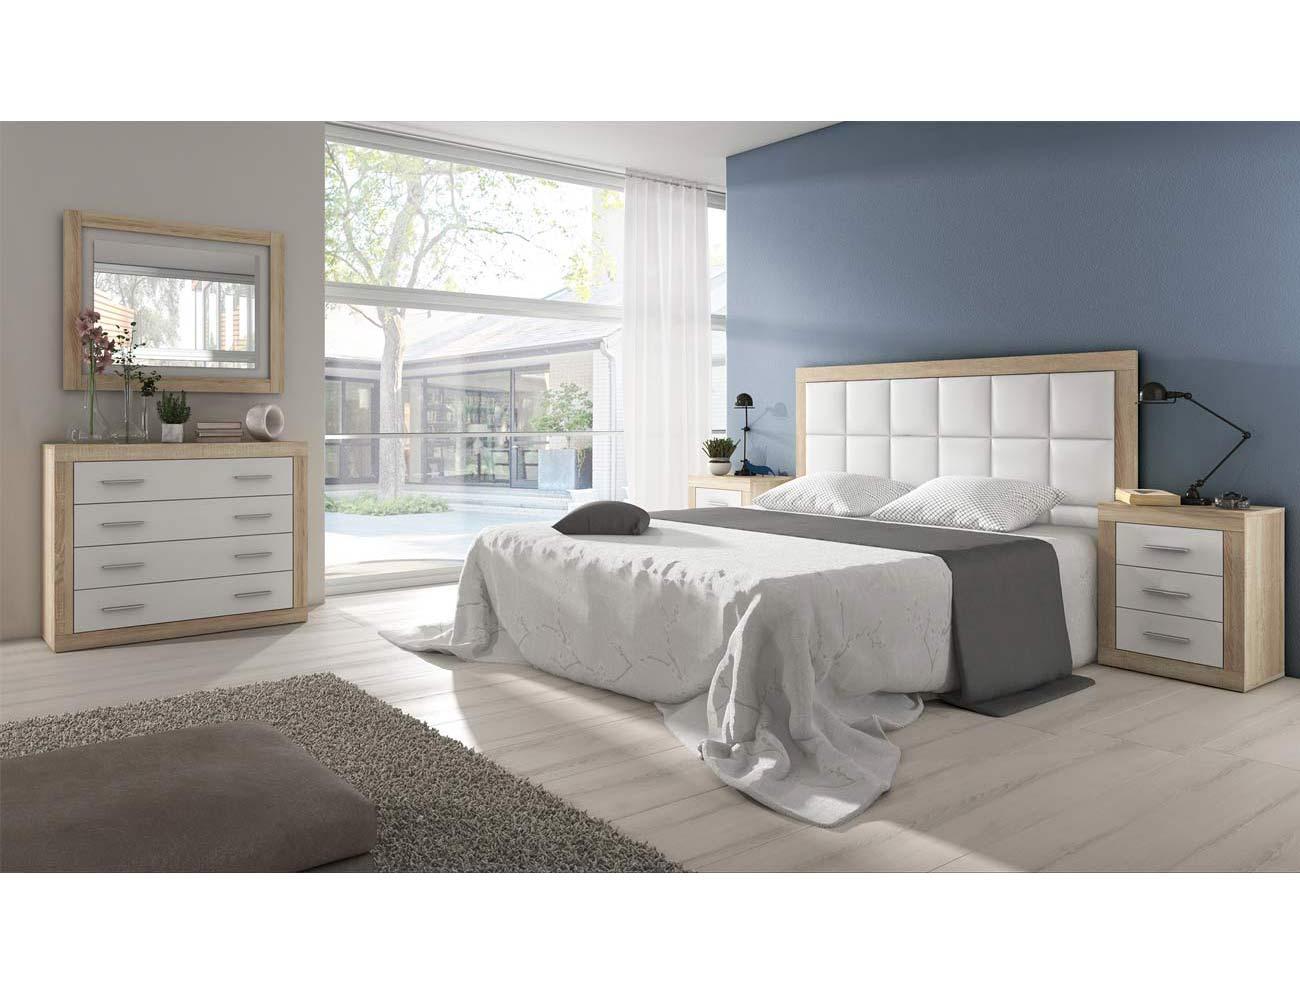 Dormitorio de matrimonio moderno con cabecero polipiel en for Comoda matrimonio